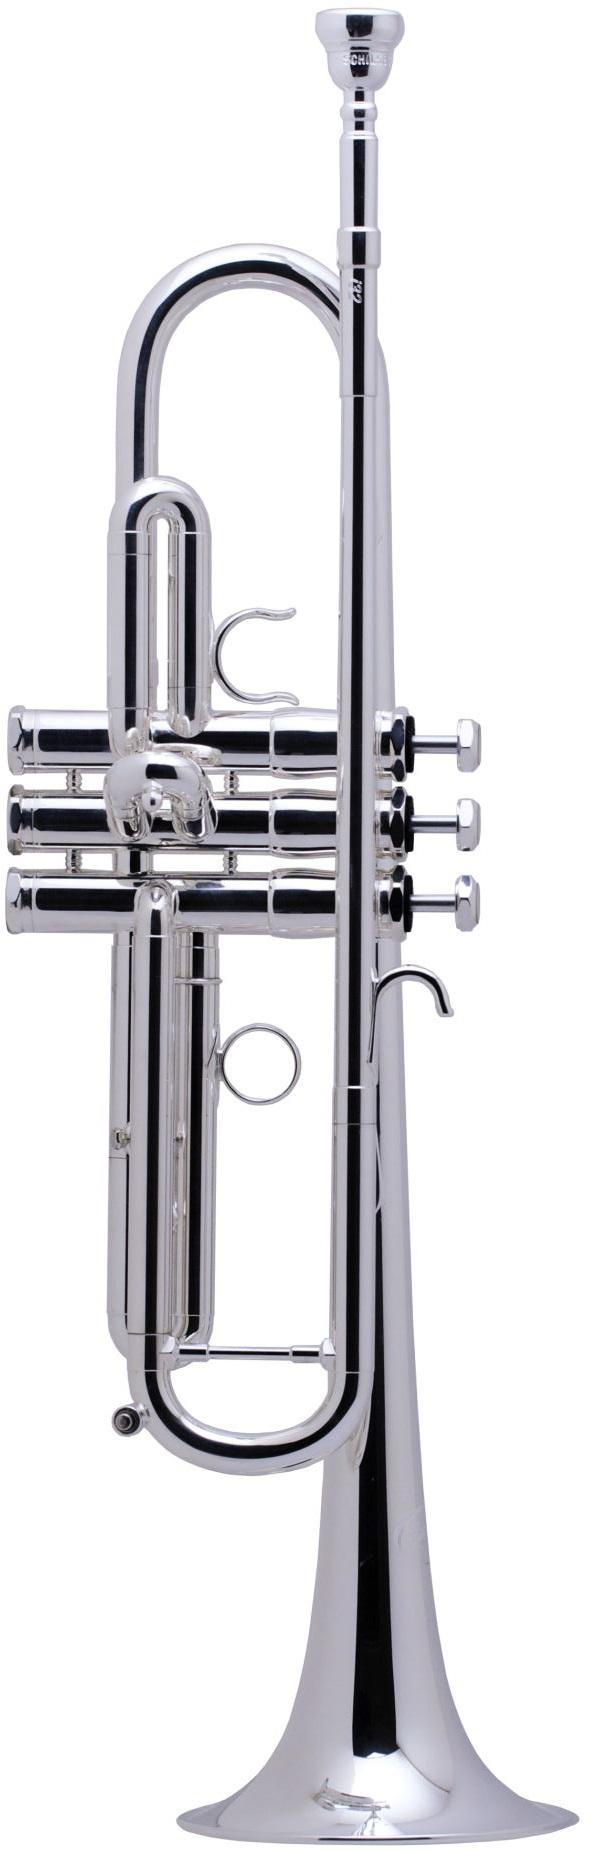 Schilke - i32 - Blechblasinstrumente - Trompeten mit Perinet-Ventilen | MUSIK BERTRAM Deutschland Freiburg